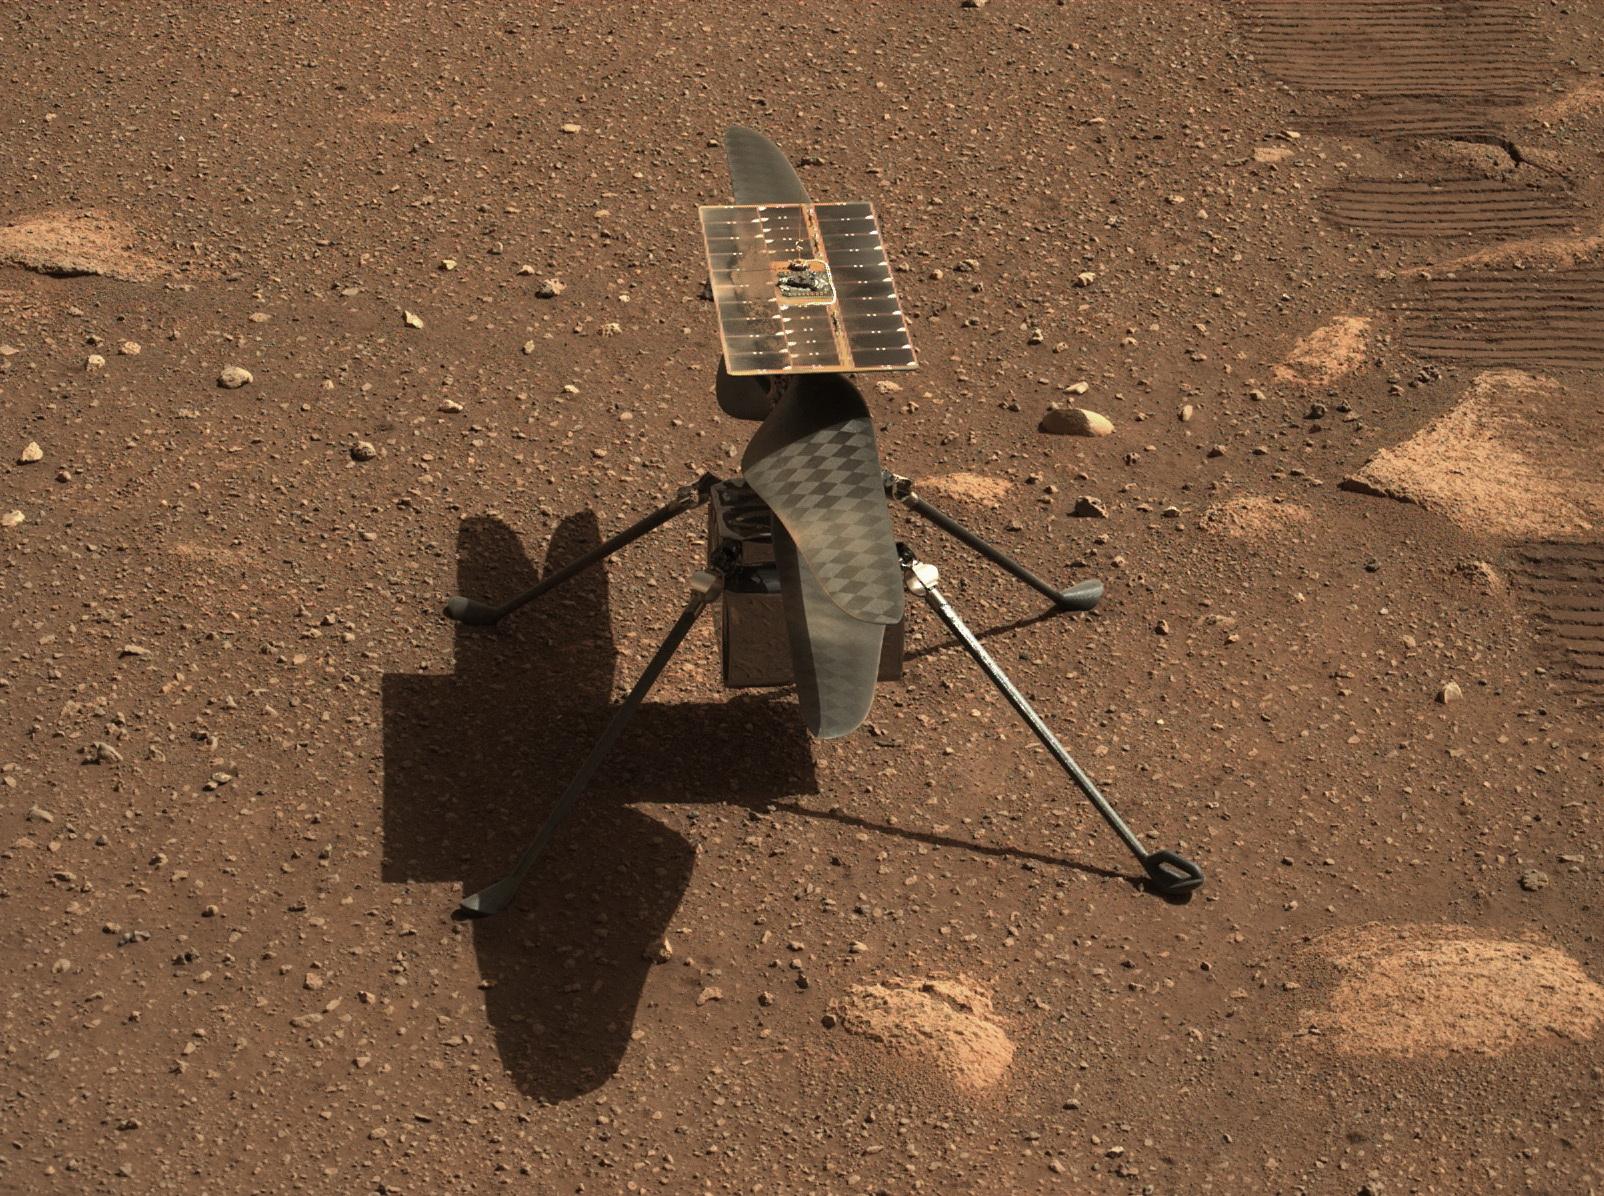 화성 탐사 로버 퍼서비어런스가 로보트 팔에 부착된 카메라로 촬영한 초소형 헬기 인저뉴어티. AFP=연합뉴스